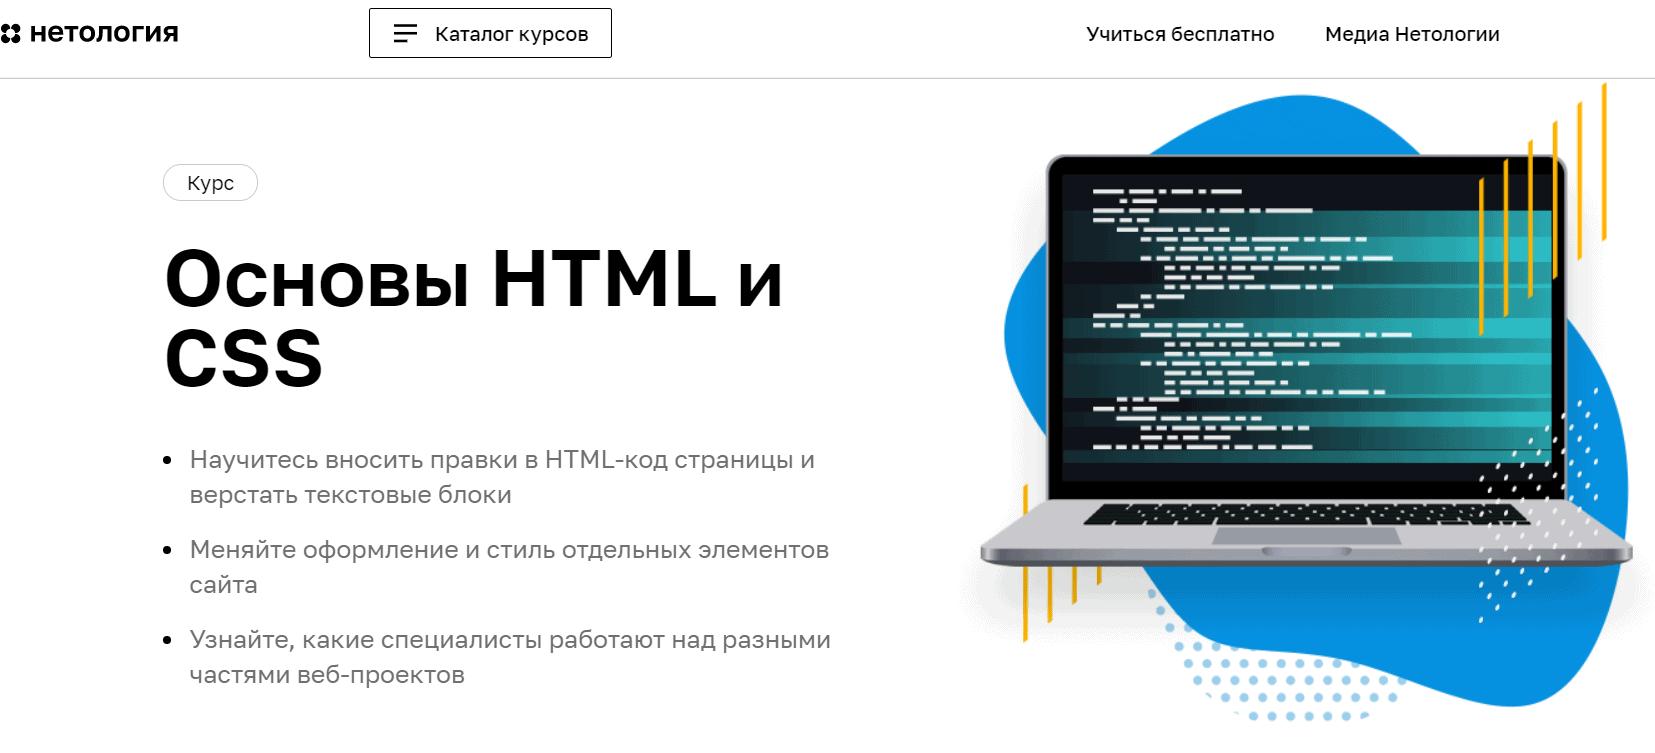 Основы HTML и CSS от Нетологии